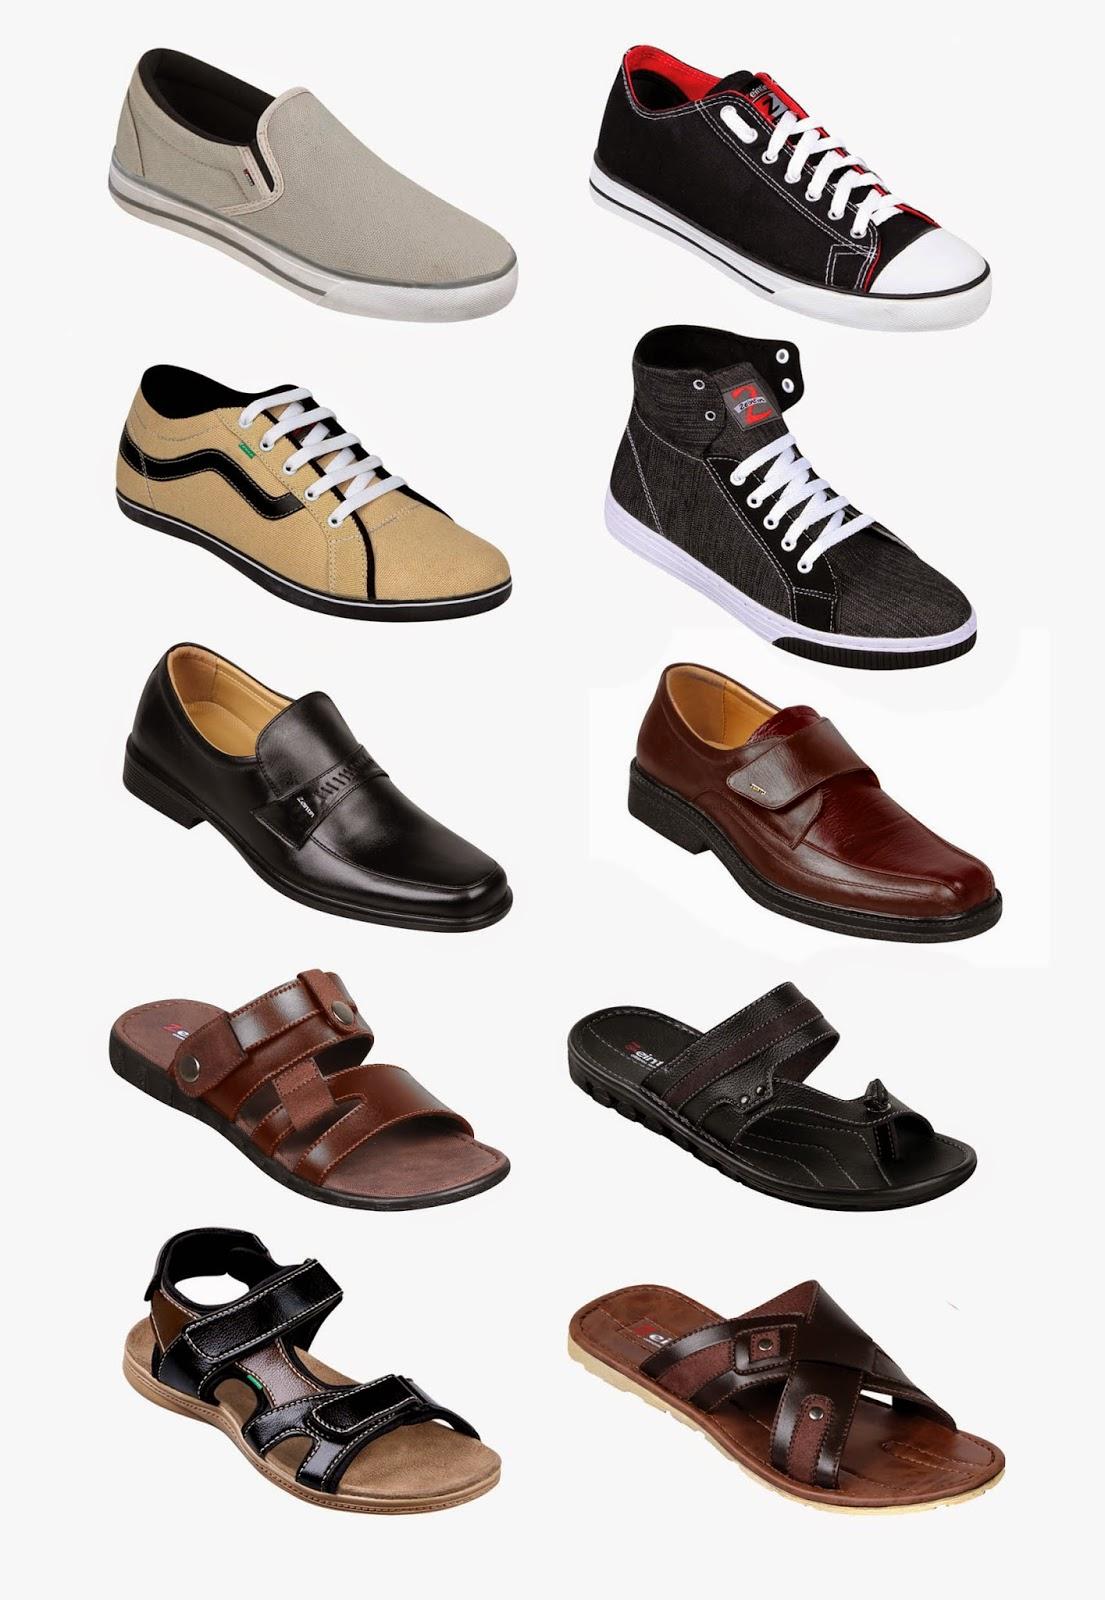 Jual sepatu hak tinggi murah online dating 9